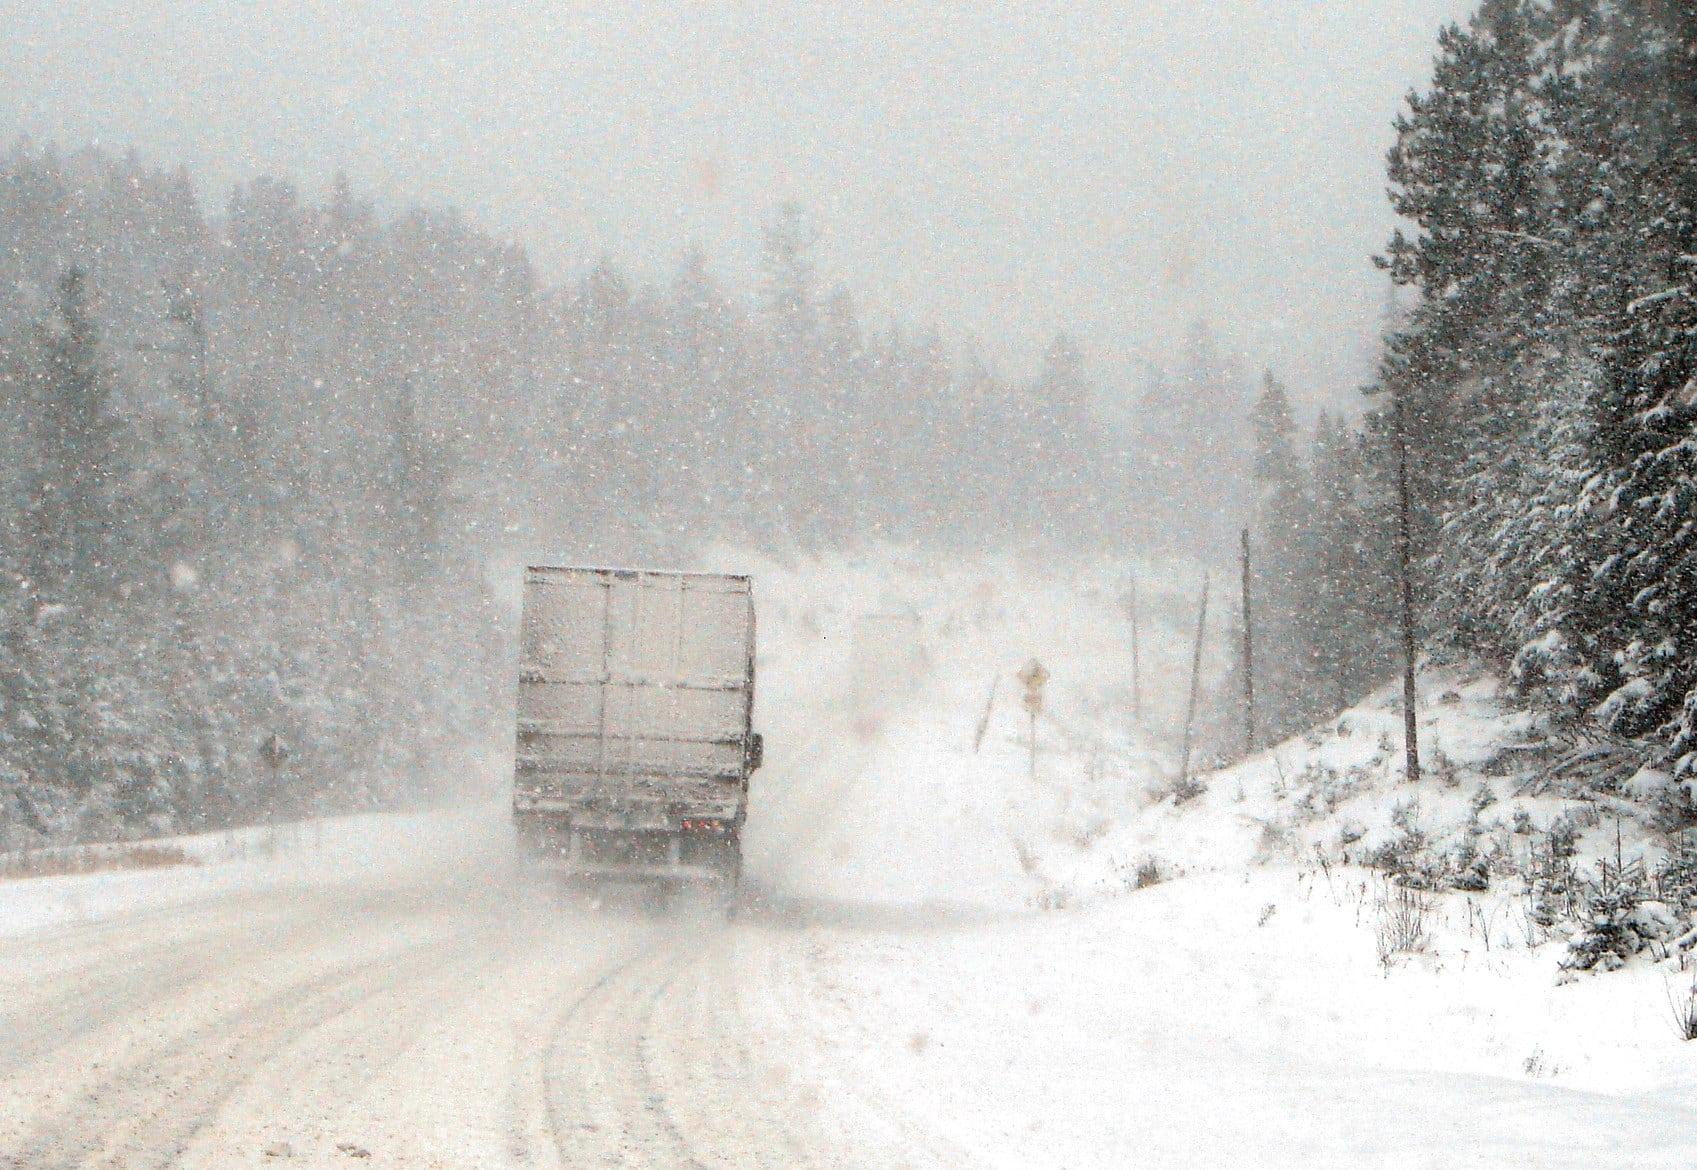 Dos ancianos fallecen por frio intenso en Ontario